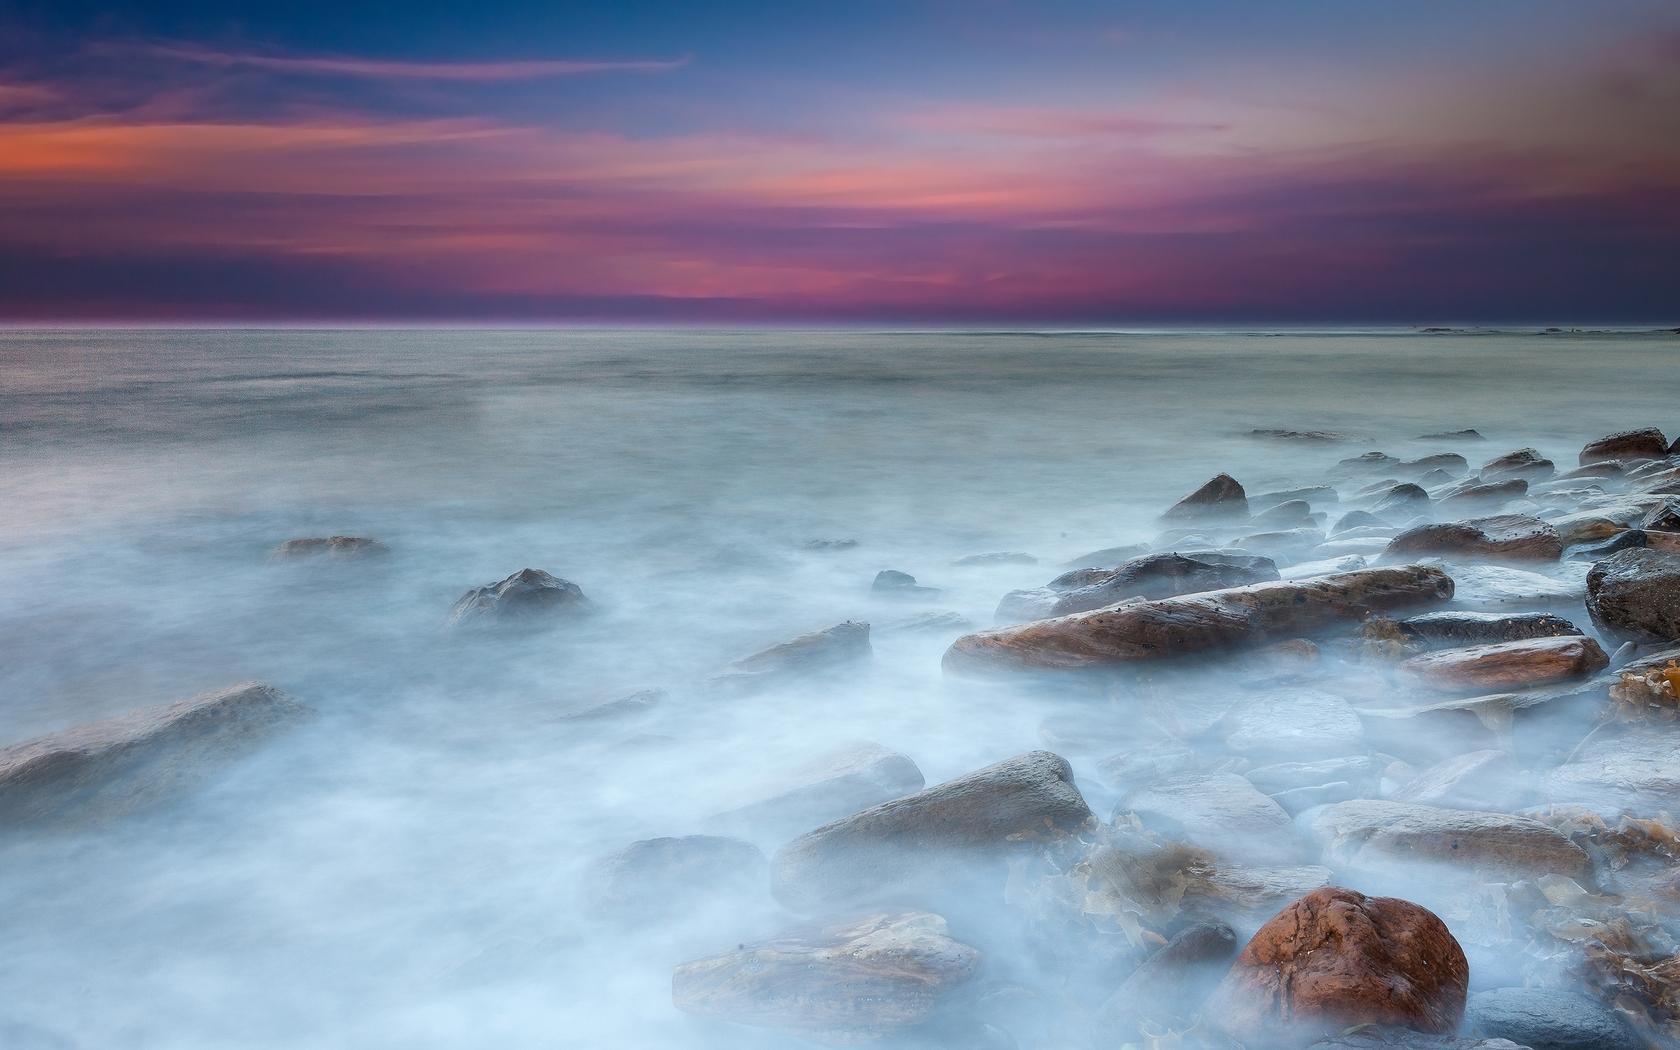 картинки море которые двигаются пополняющийся